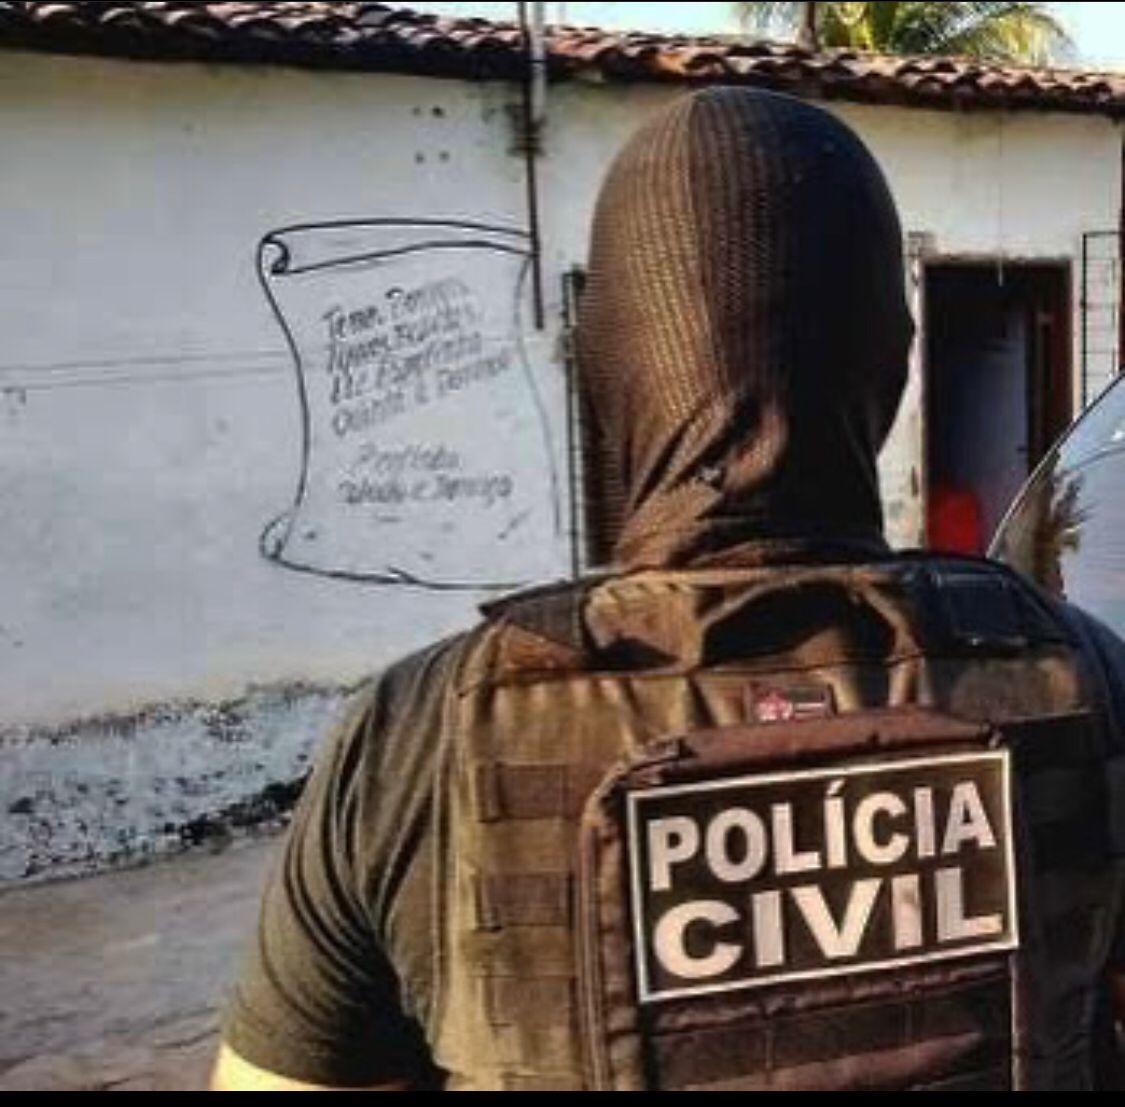 Polícia Civil prende investigado por homicídio em Juazeiro; prisão ocorreu em cumprimento a mandado de prisão preventiva